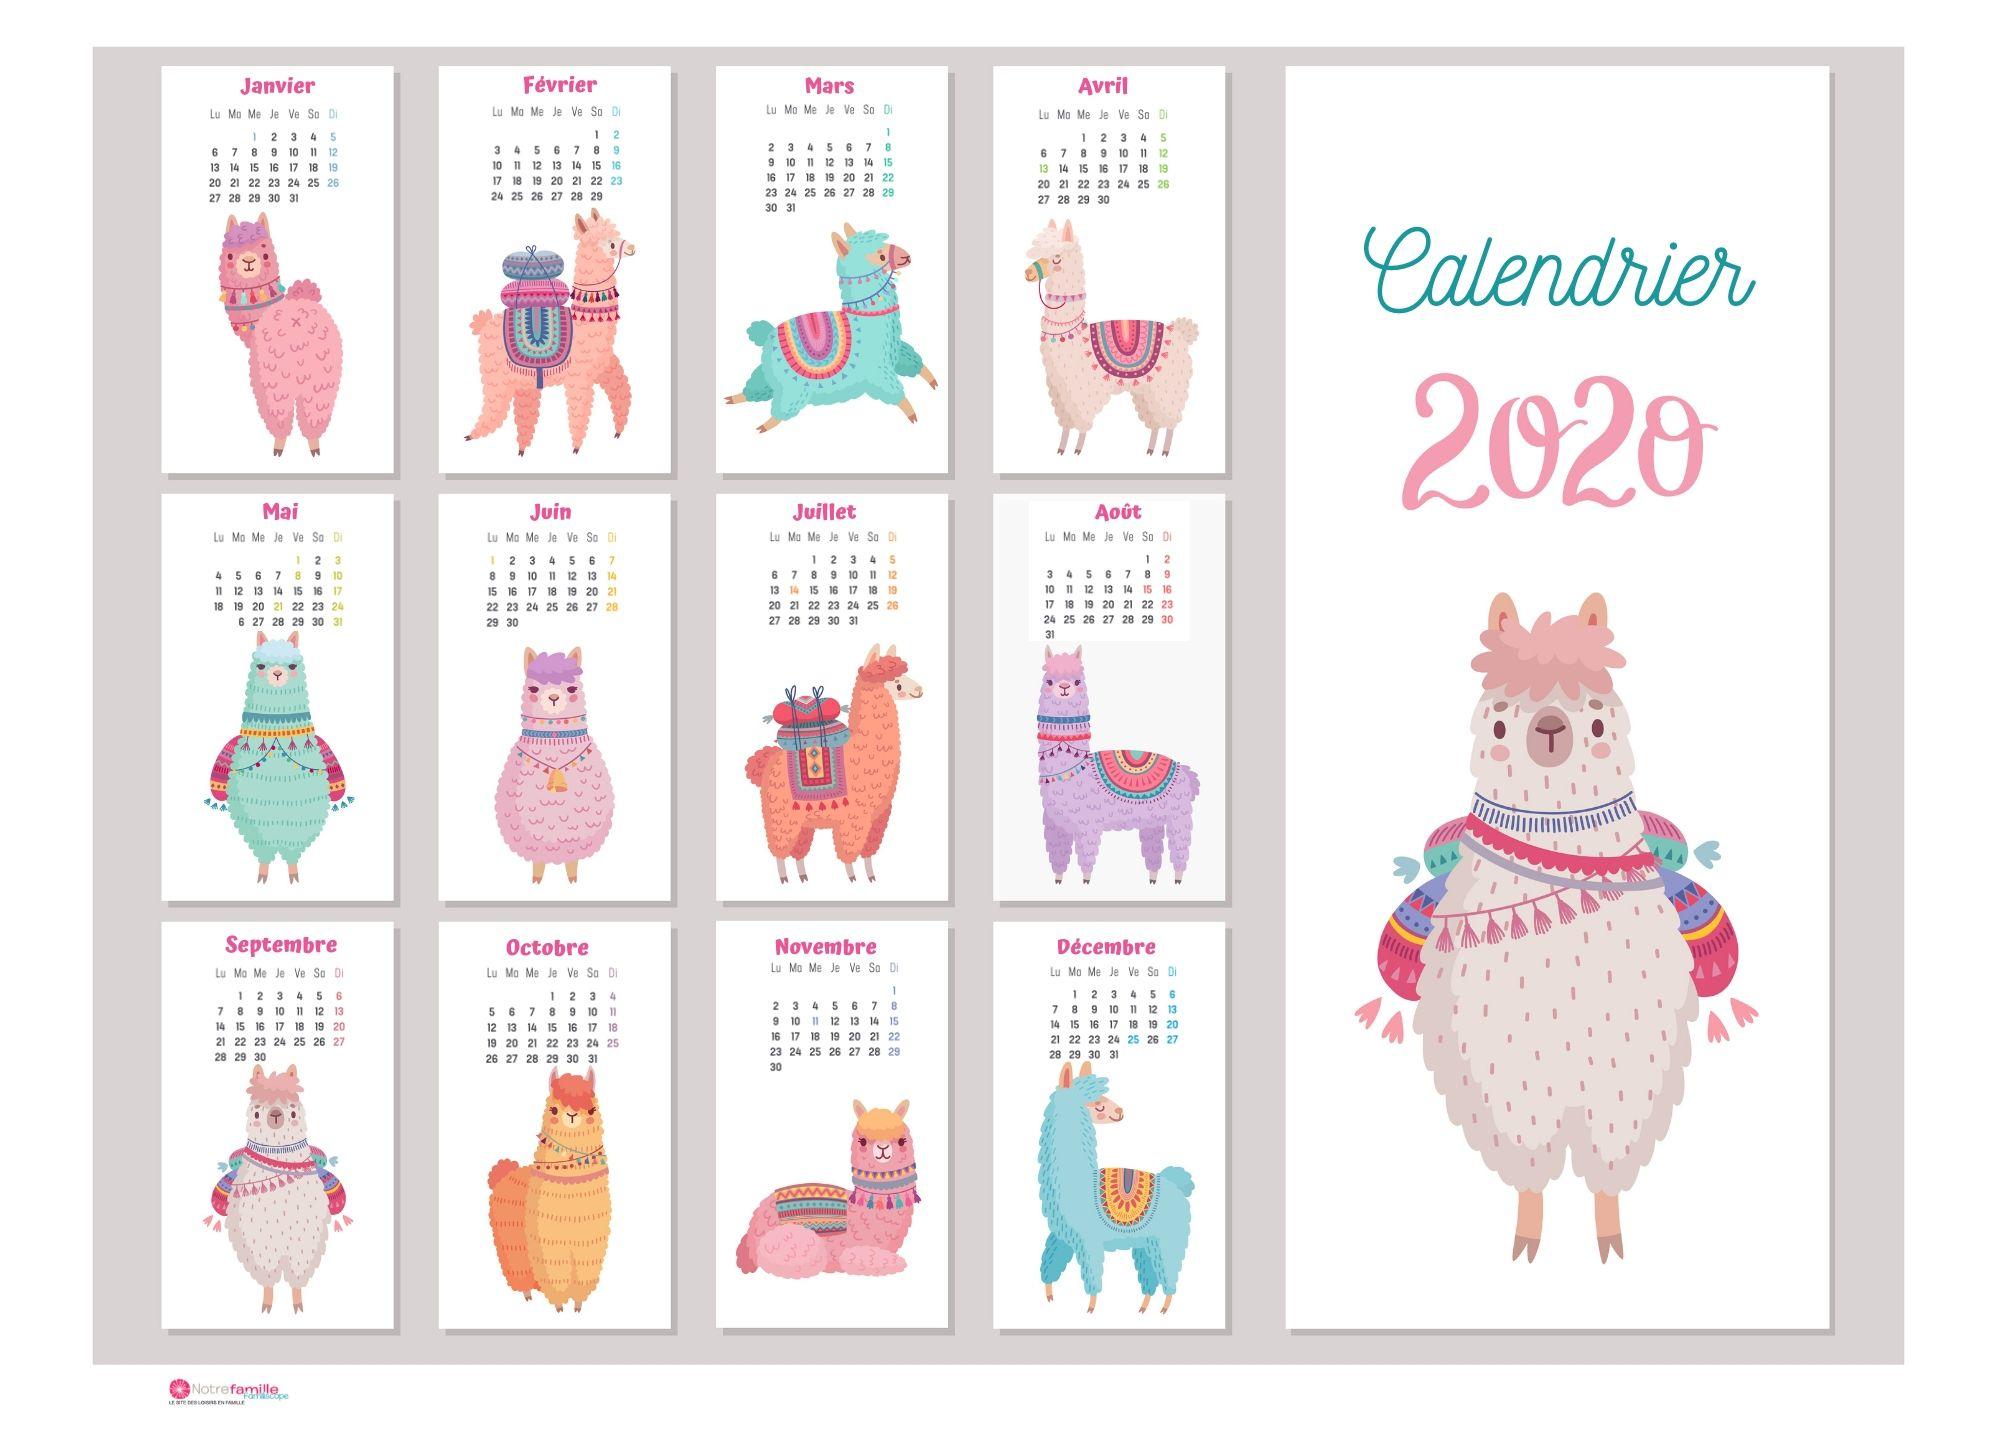 Calendriers 2020 À Imprimer Pour Les Enfants dedans Activité 3 Ans Imprimer